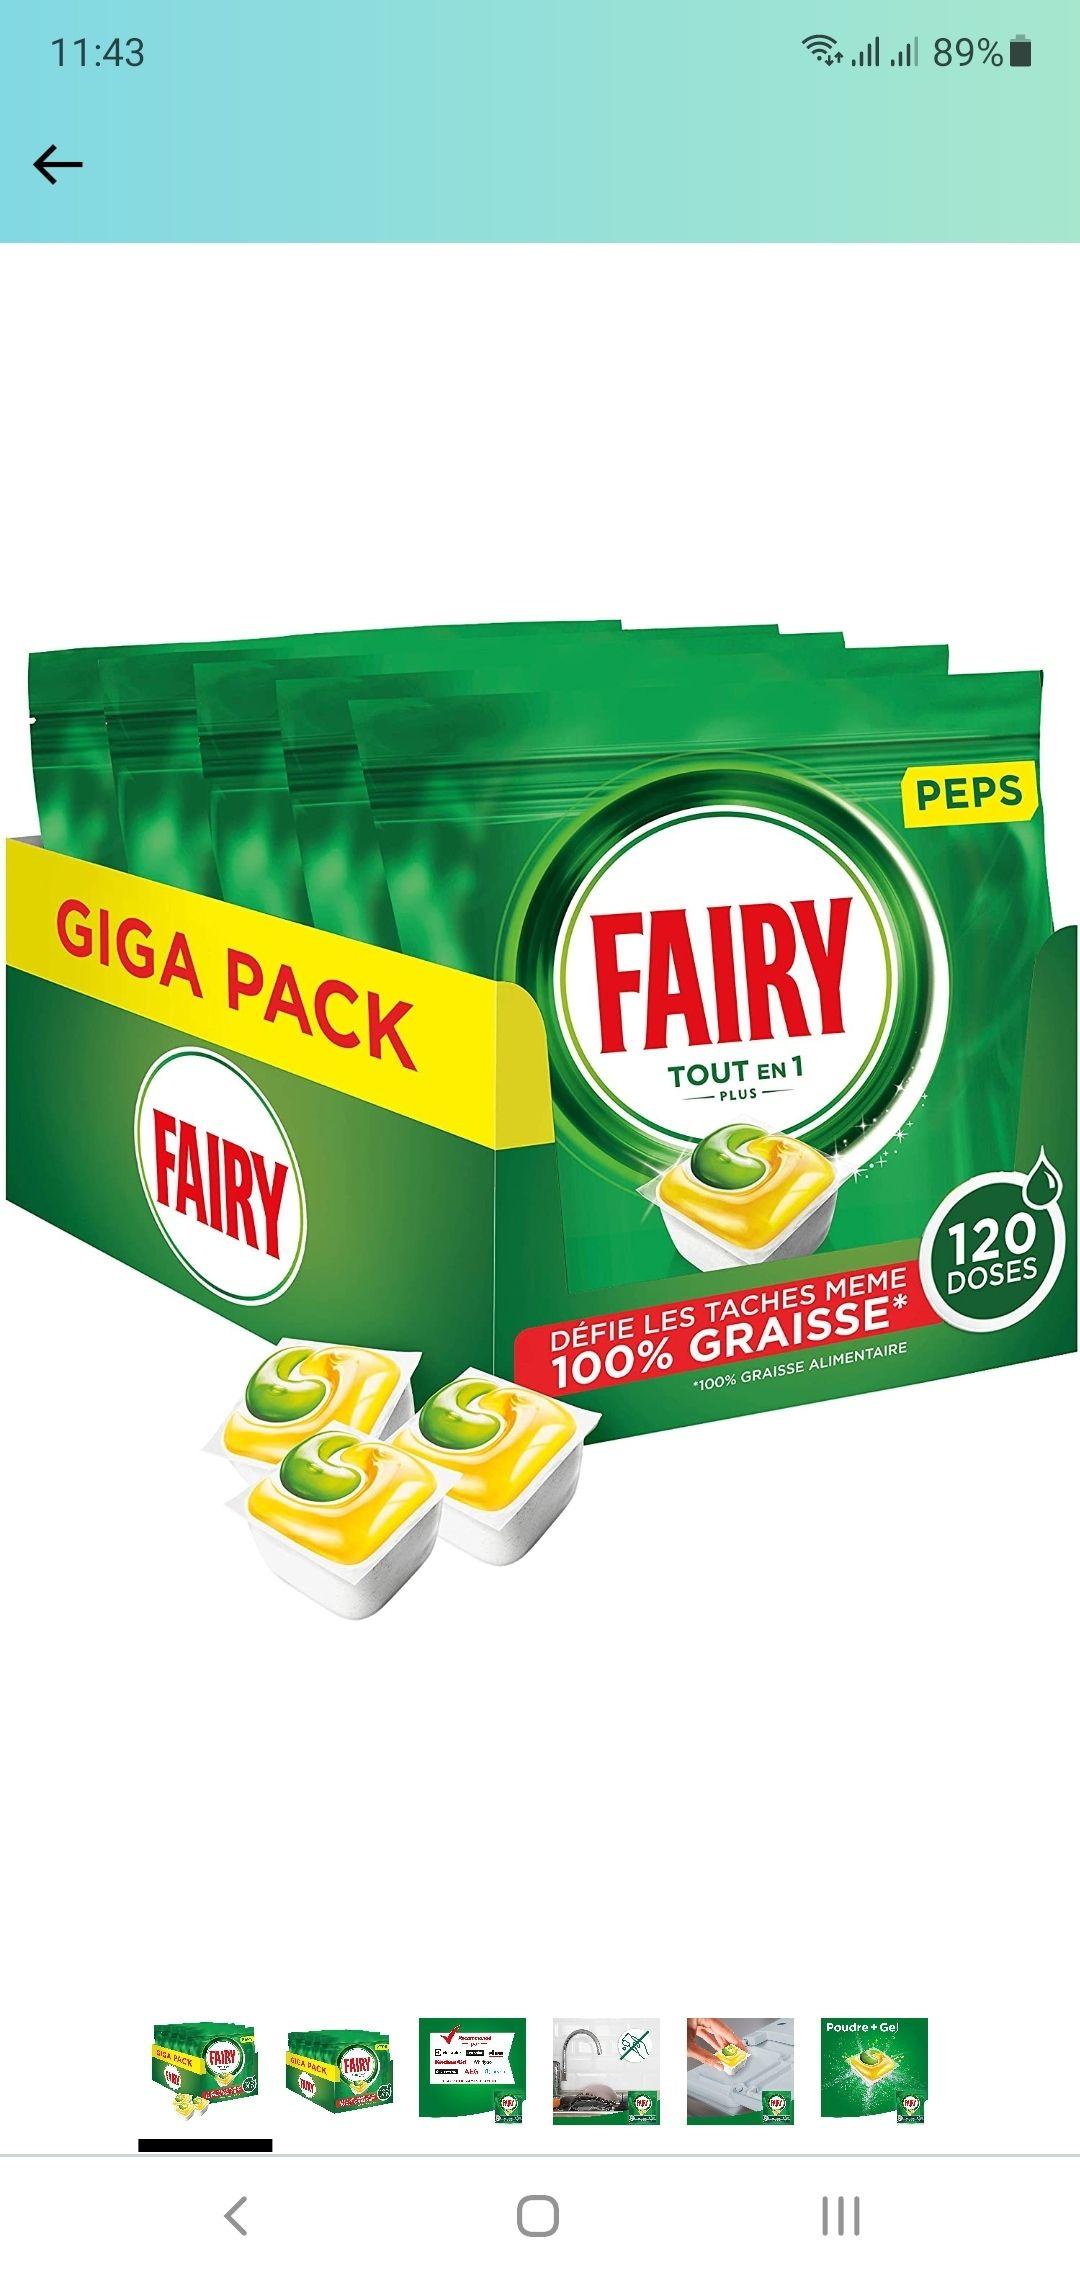 [Prime] Lot de 5 paquets de 24 pastilles pour lave-vaisselle Fairy Peps citron